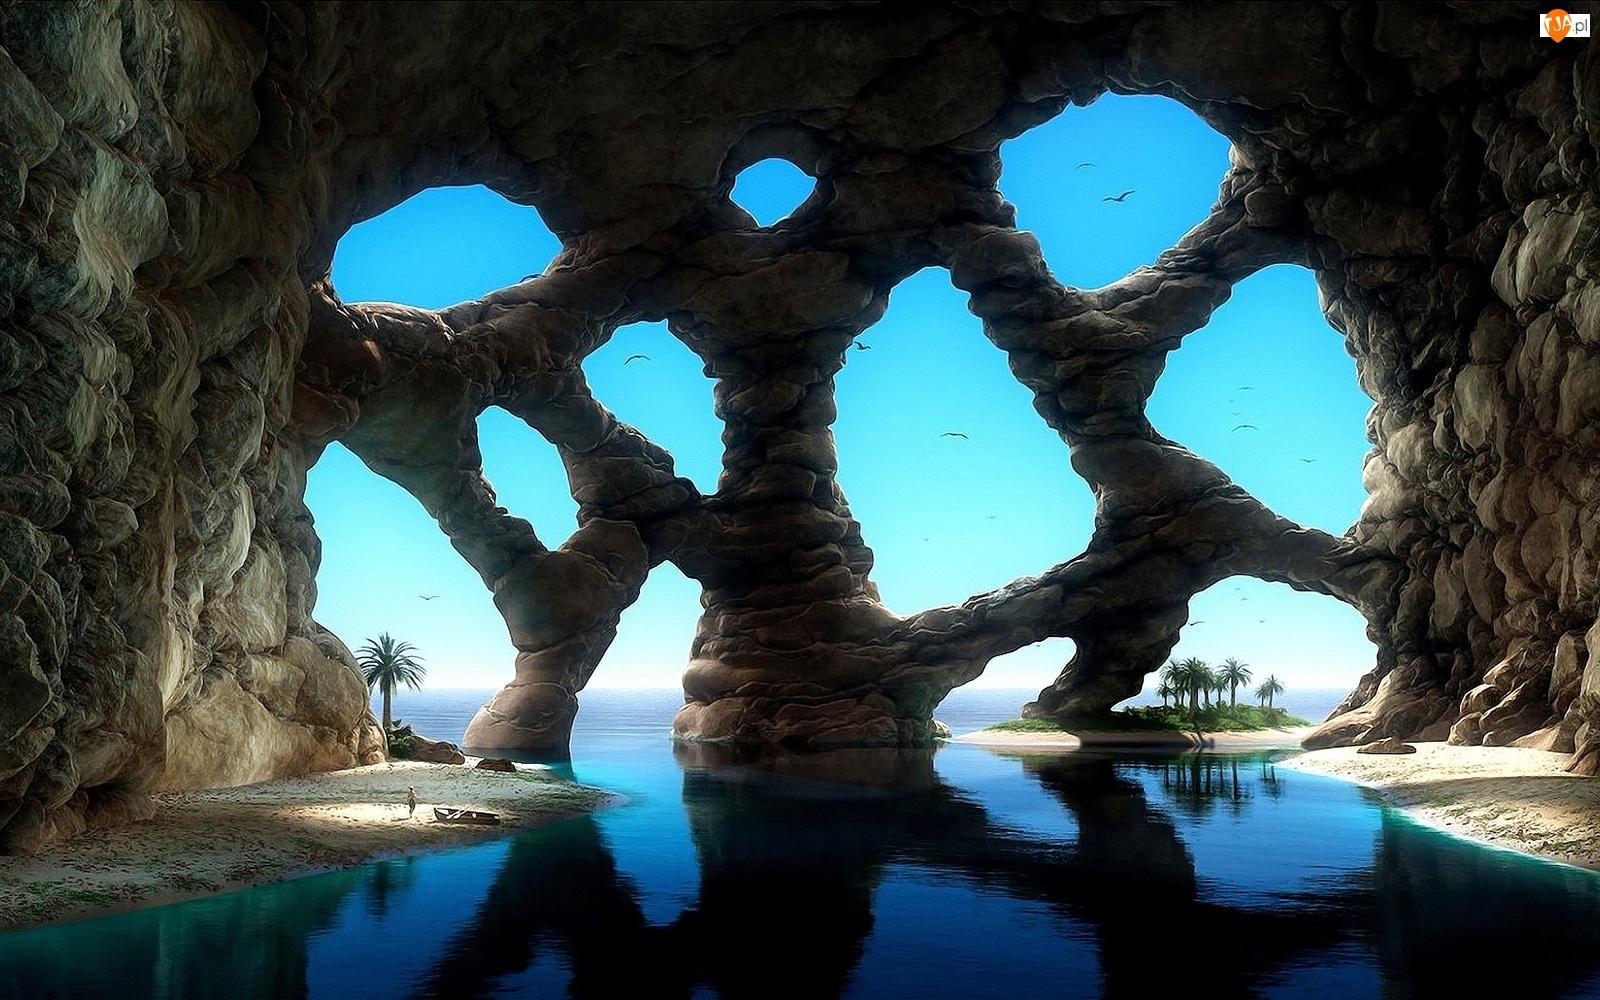 Skały, Palmy, Fantasy, Ptaki, Jaskinia, Morze